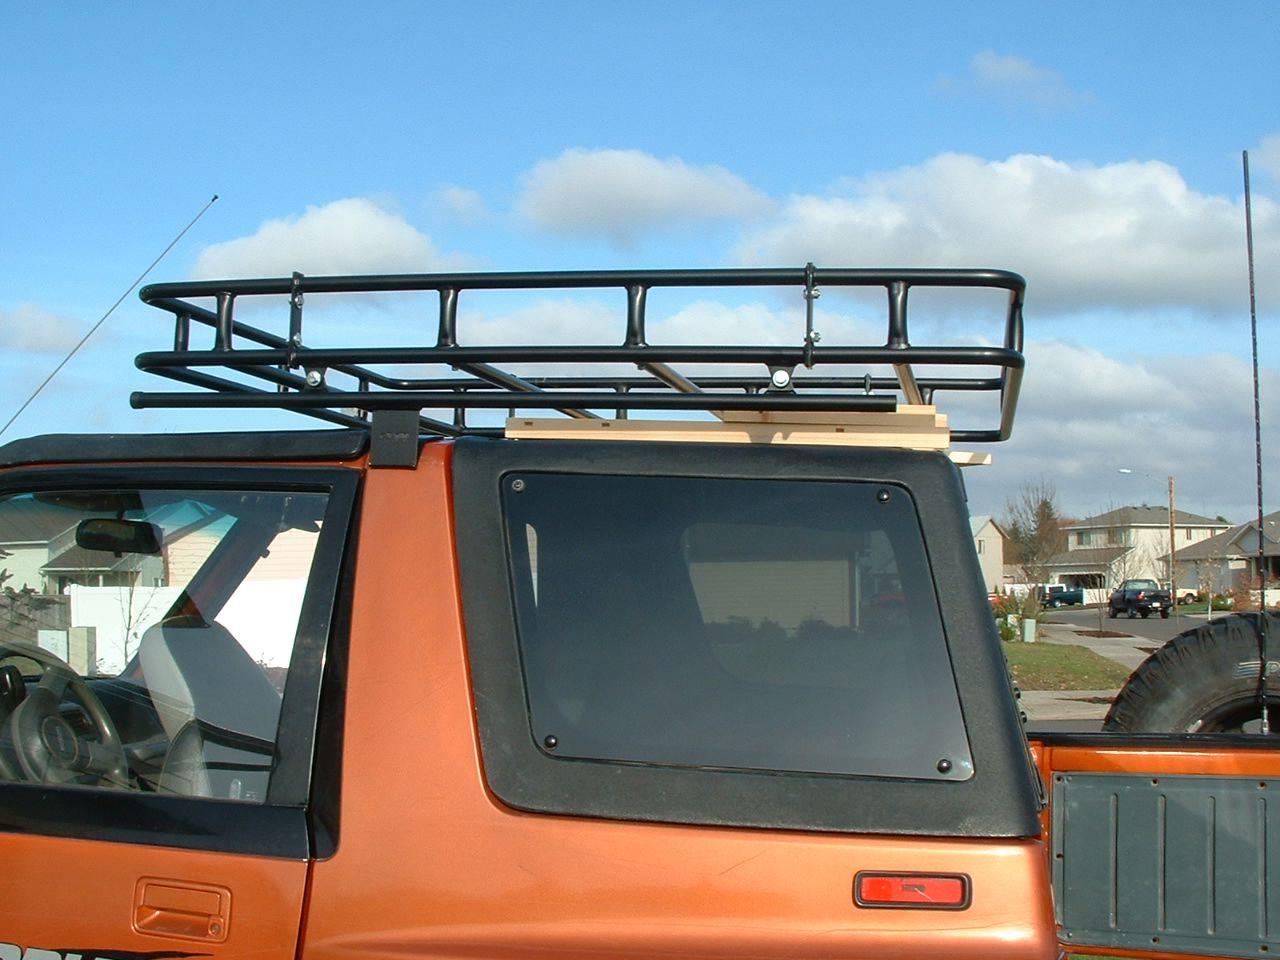 Zukiworld Reviews Calmini Roof Rack For Suzuki Sidekick Geo Tracker Roof Rack Tracker Suzuki